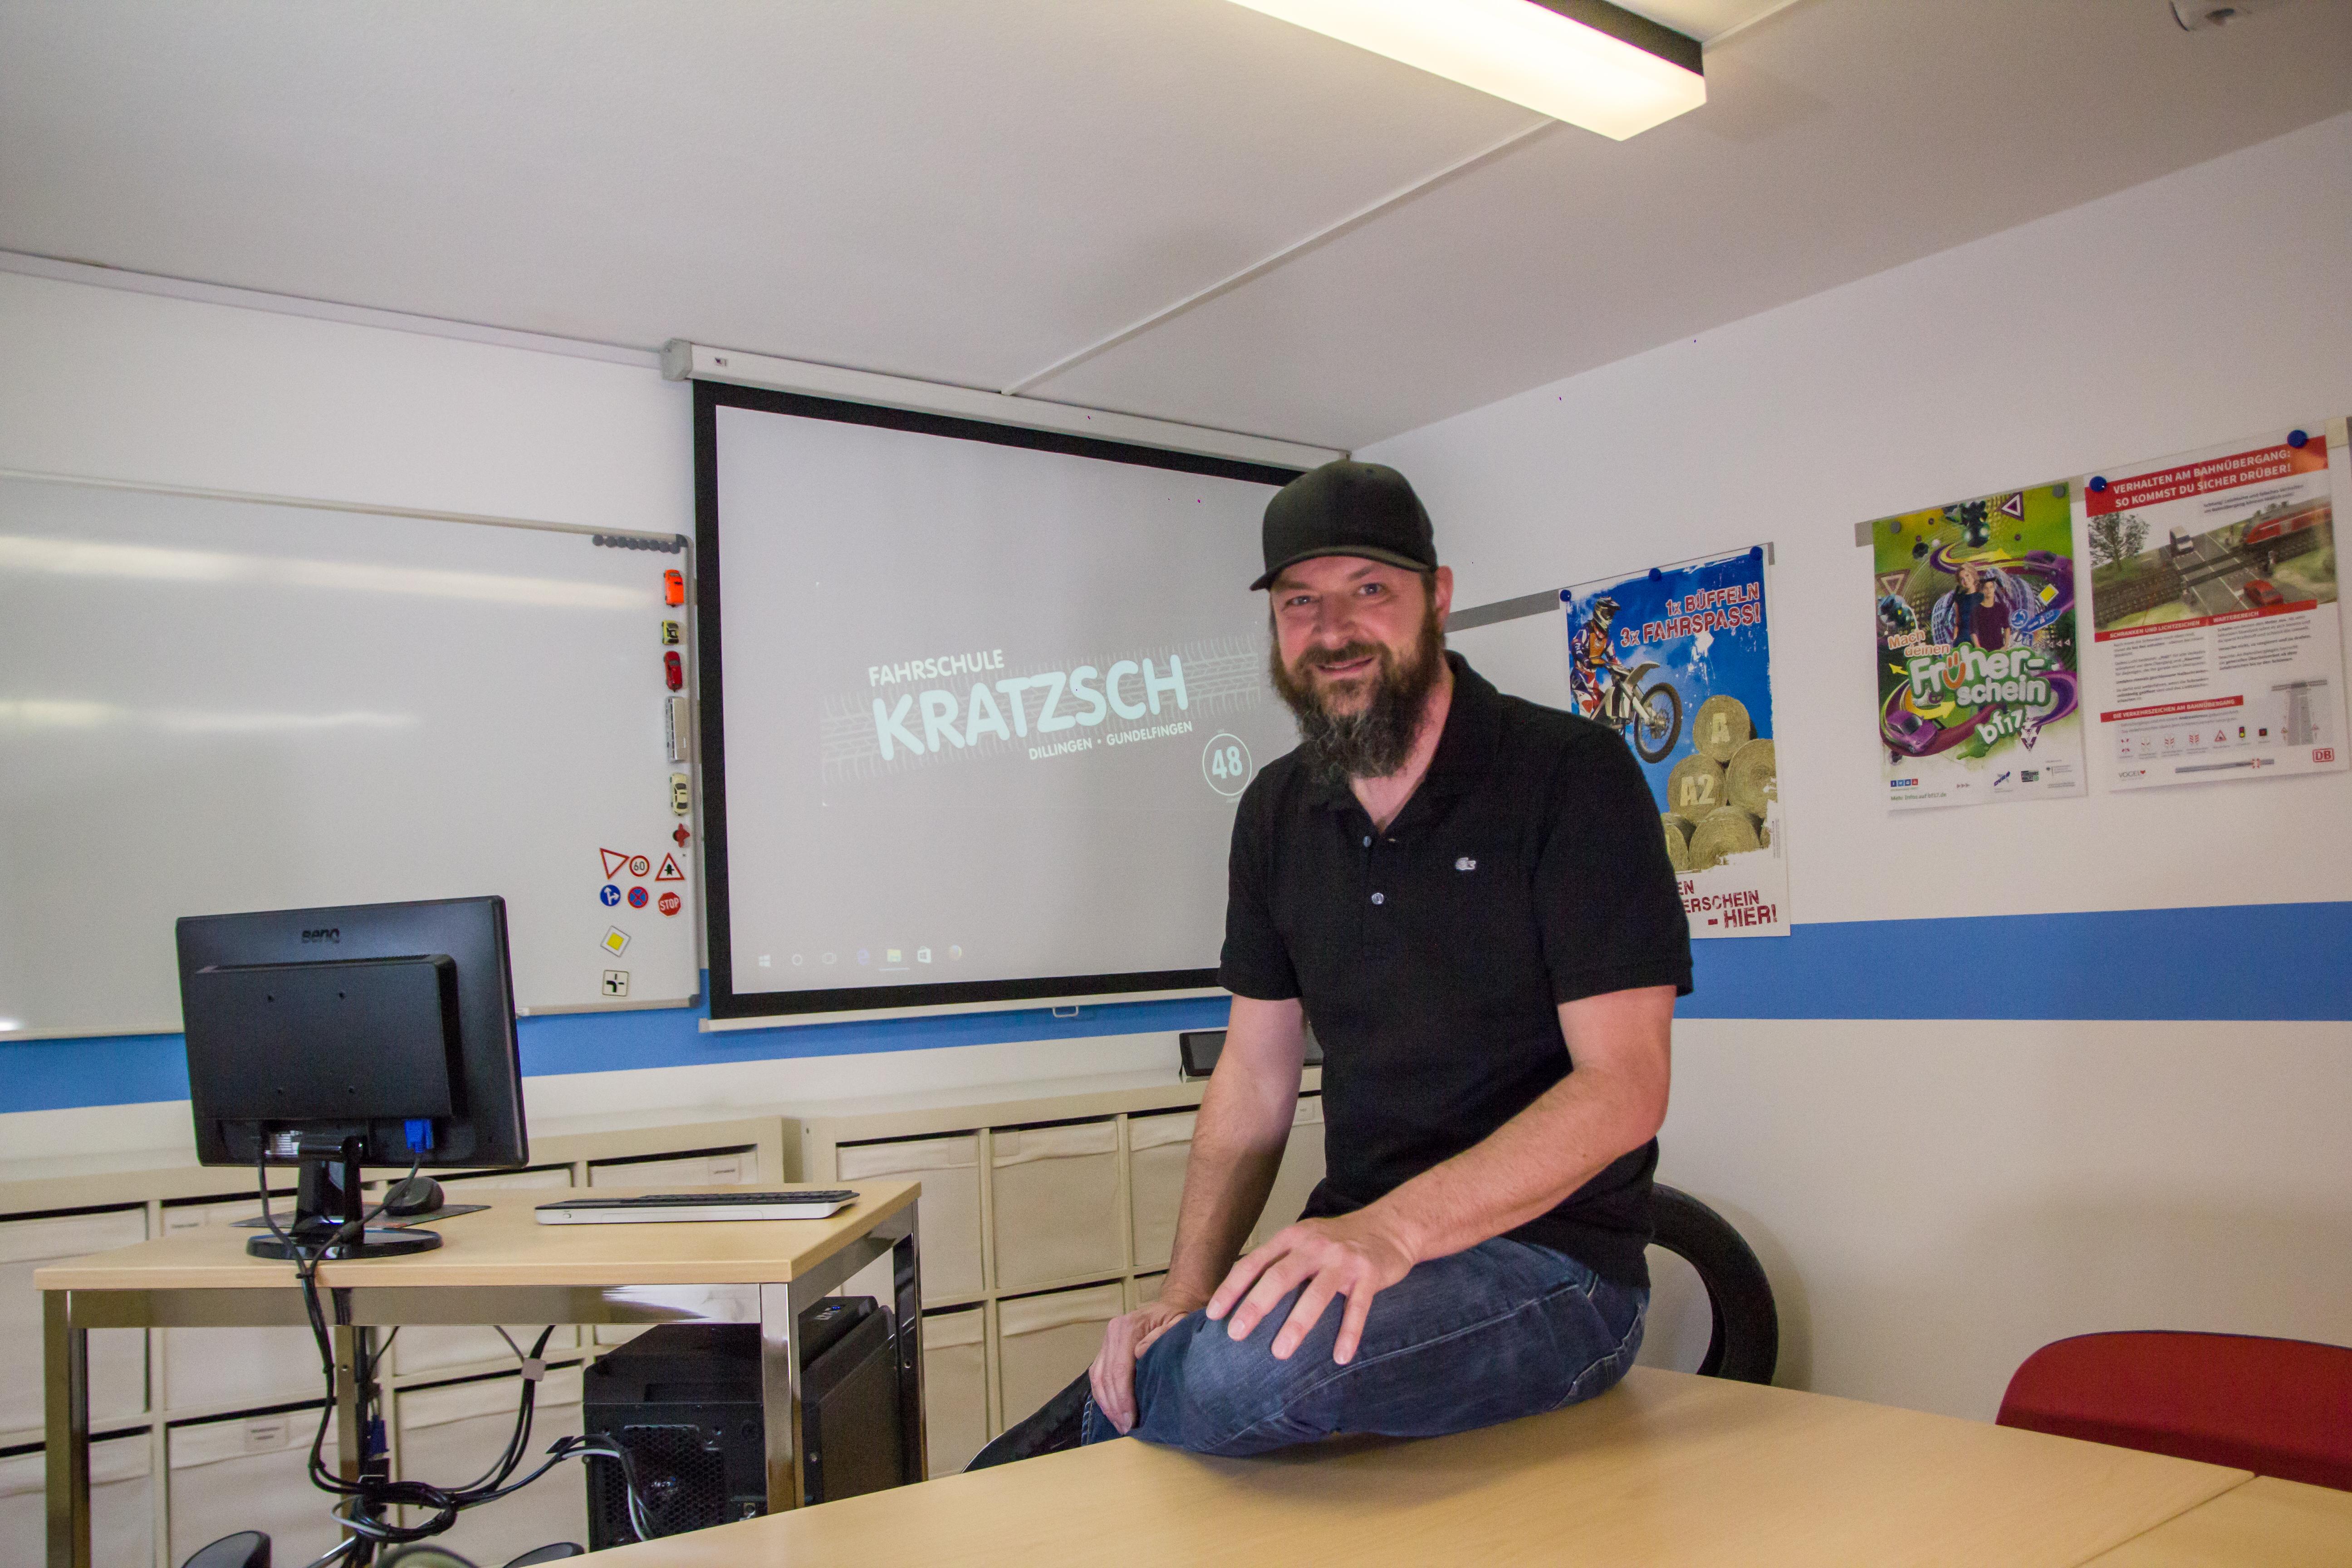 Kratzsch-Fotos-0998-2